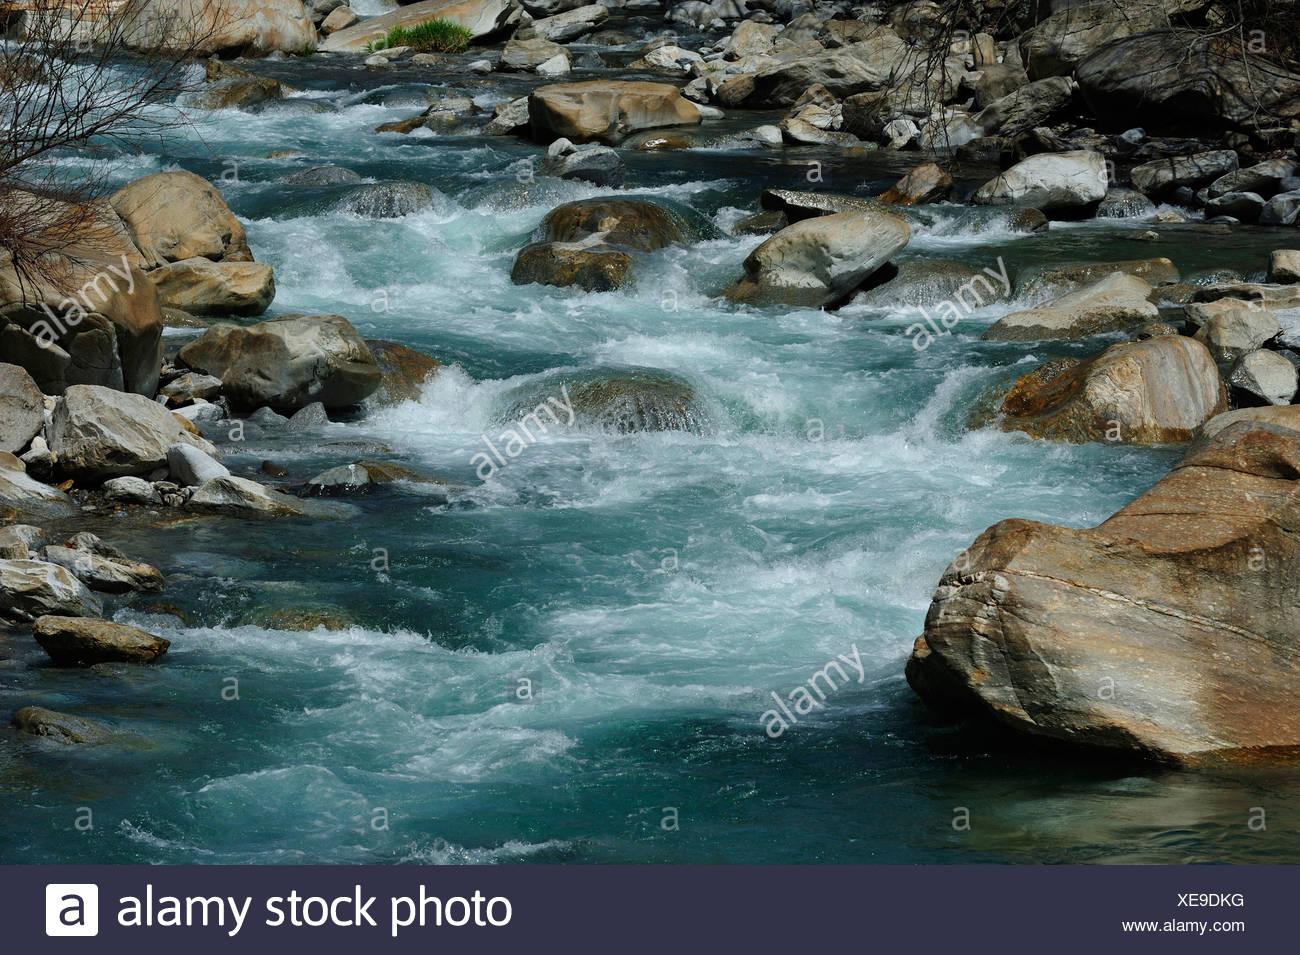 Letto Del Fiume.Fiume Ticino Fiume Acqua Fluente Il Letto Del Fiume Alpi